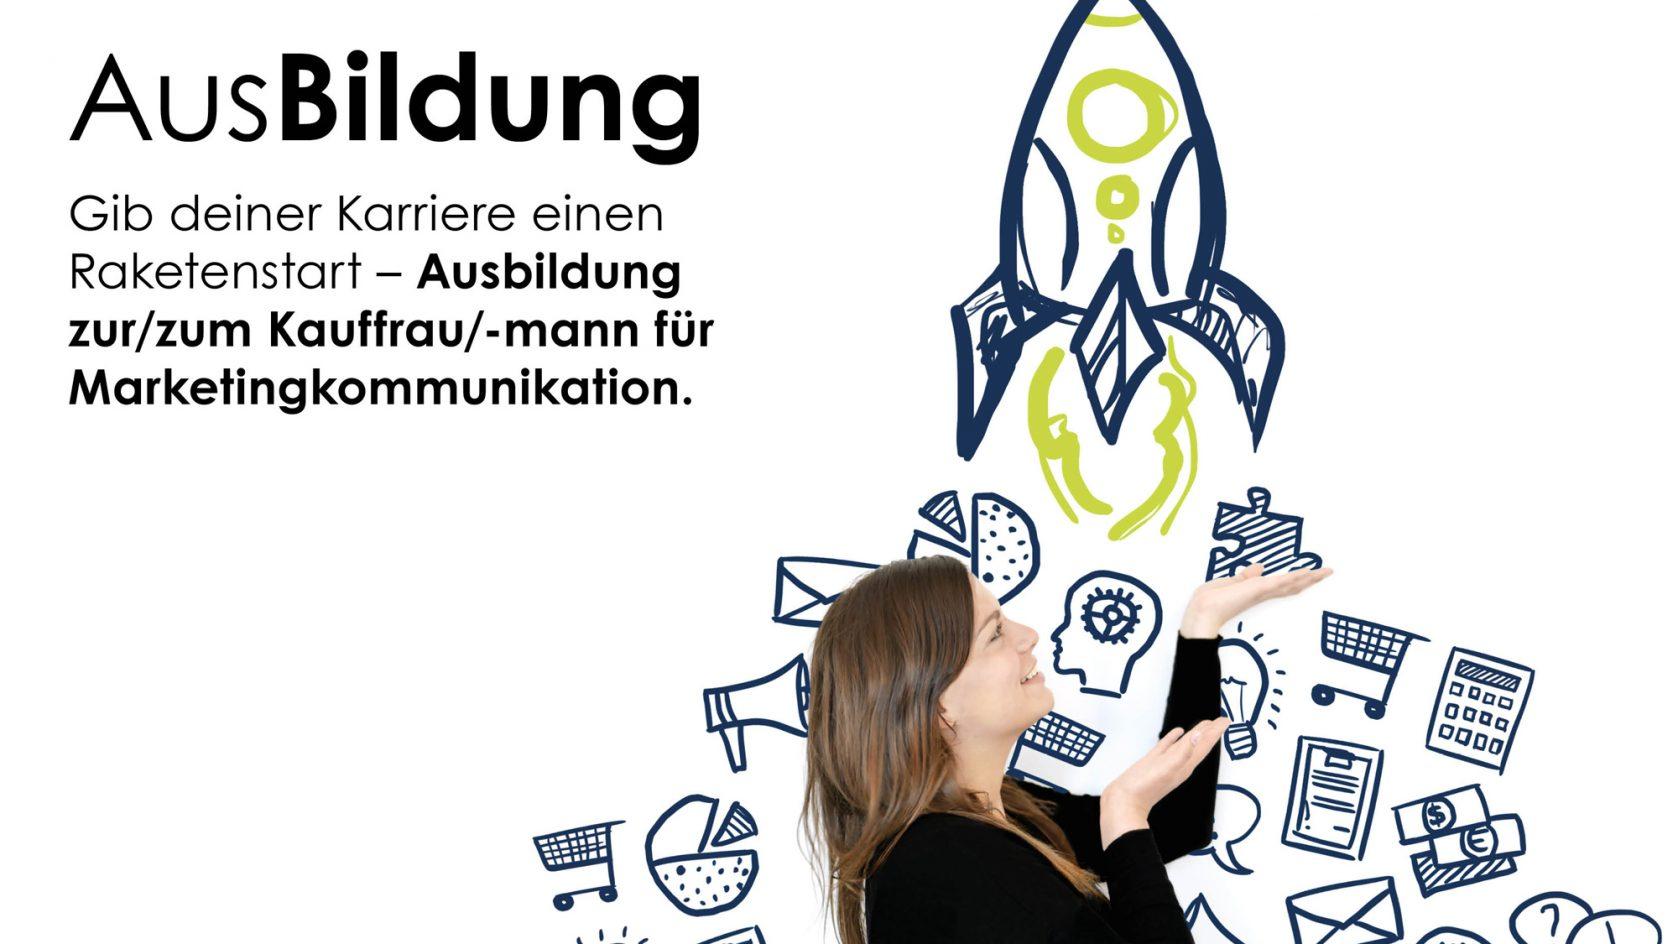 Ausbildung bei STEIN - Marketingkommunikation